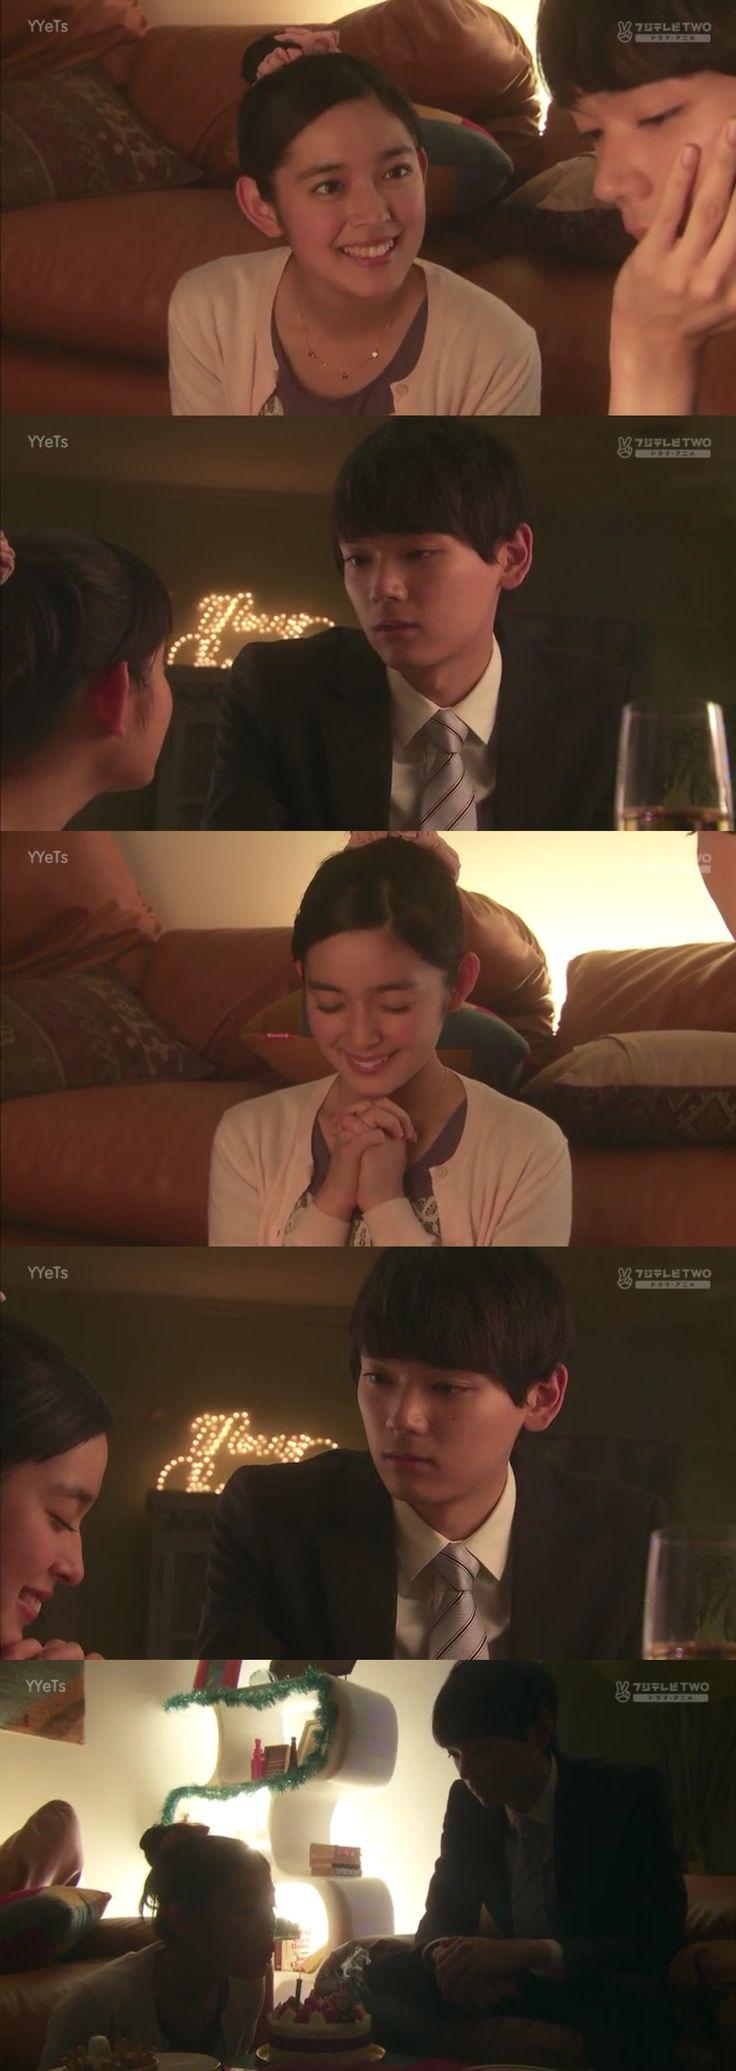 """Kotoko: """"Irie-kun, gracias"""". Naoki: """"No era para ti"""". Kotoko: """"Pero es un pastel para 2"""". Naoki: """"Sólo coincidencia"""". Kotoko: """"Deberías pedir un deseo de todos modos""""- él mira hacia otro lado. Naoki vuelve a mirarla: """"Entonces, pide uno tú"""". Kotoko: """"¿Puedo?""""- él asienta. Ella sonríe, junta las manos, cierra los ojos mientras piensa en su deseo, mientras Naoki la mira intensamente. Kotoko abre los ojos y sopla las velas, quedando completamente a oscuras - Itazura na Kiss Love in Tokyo, Ep 11"""